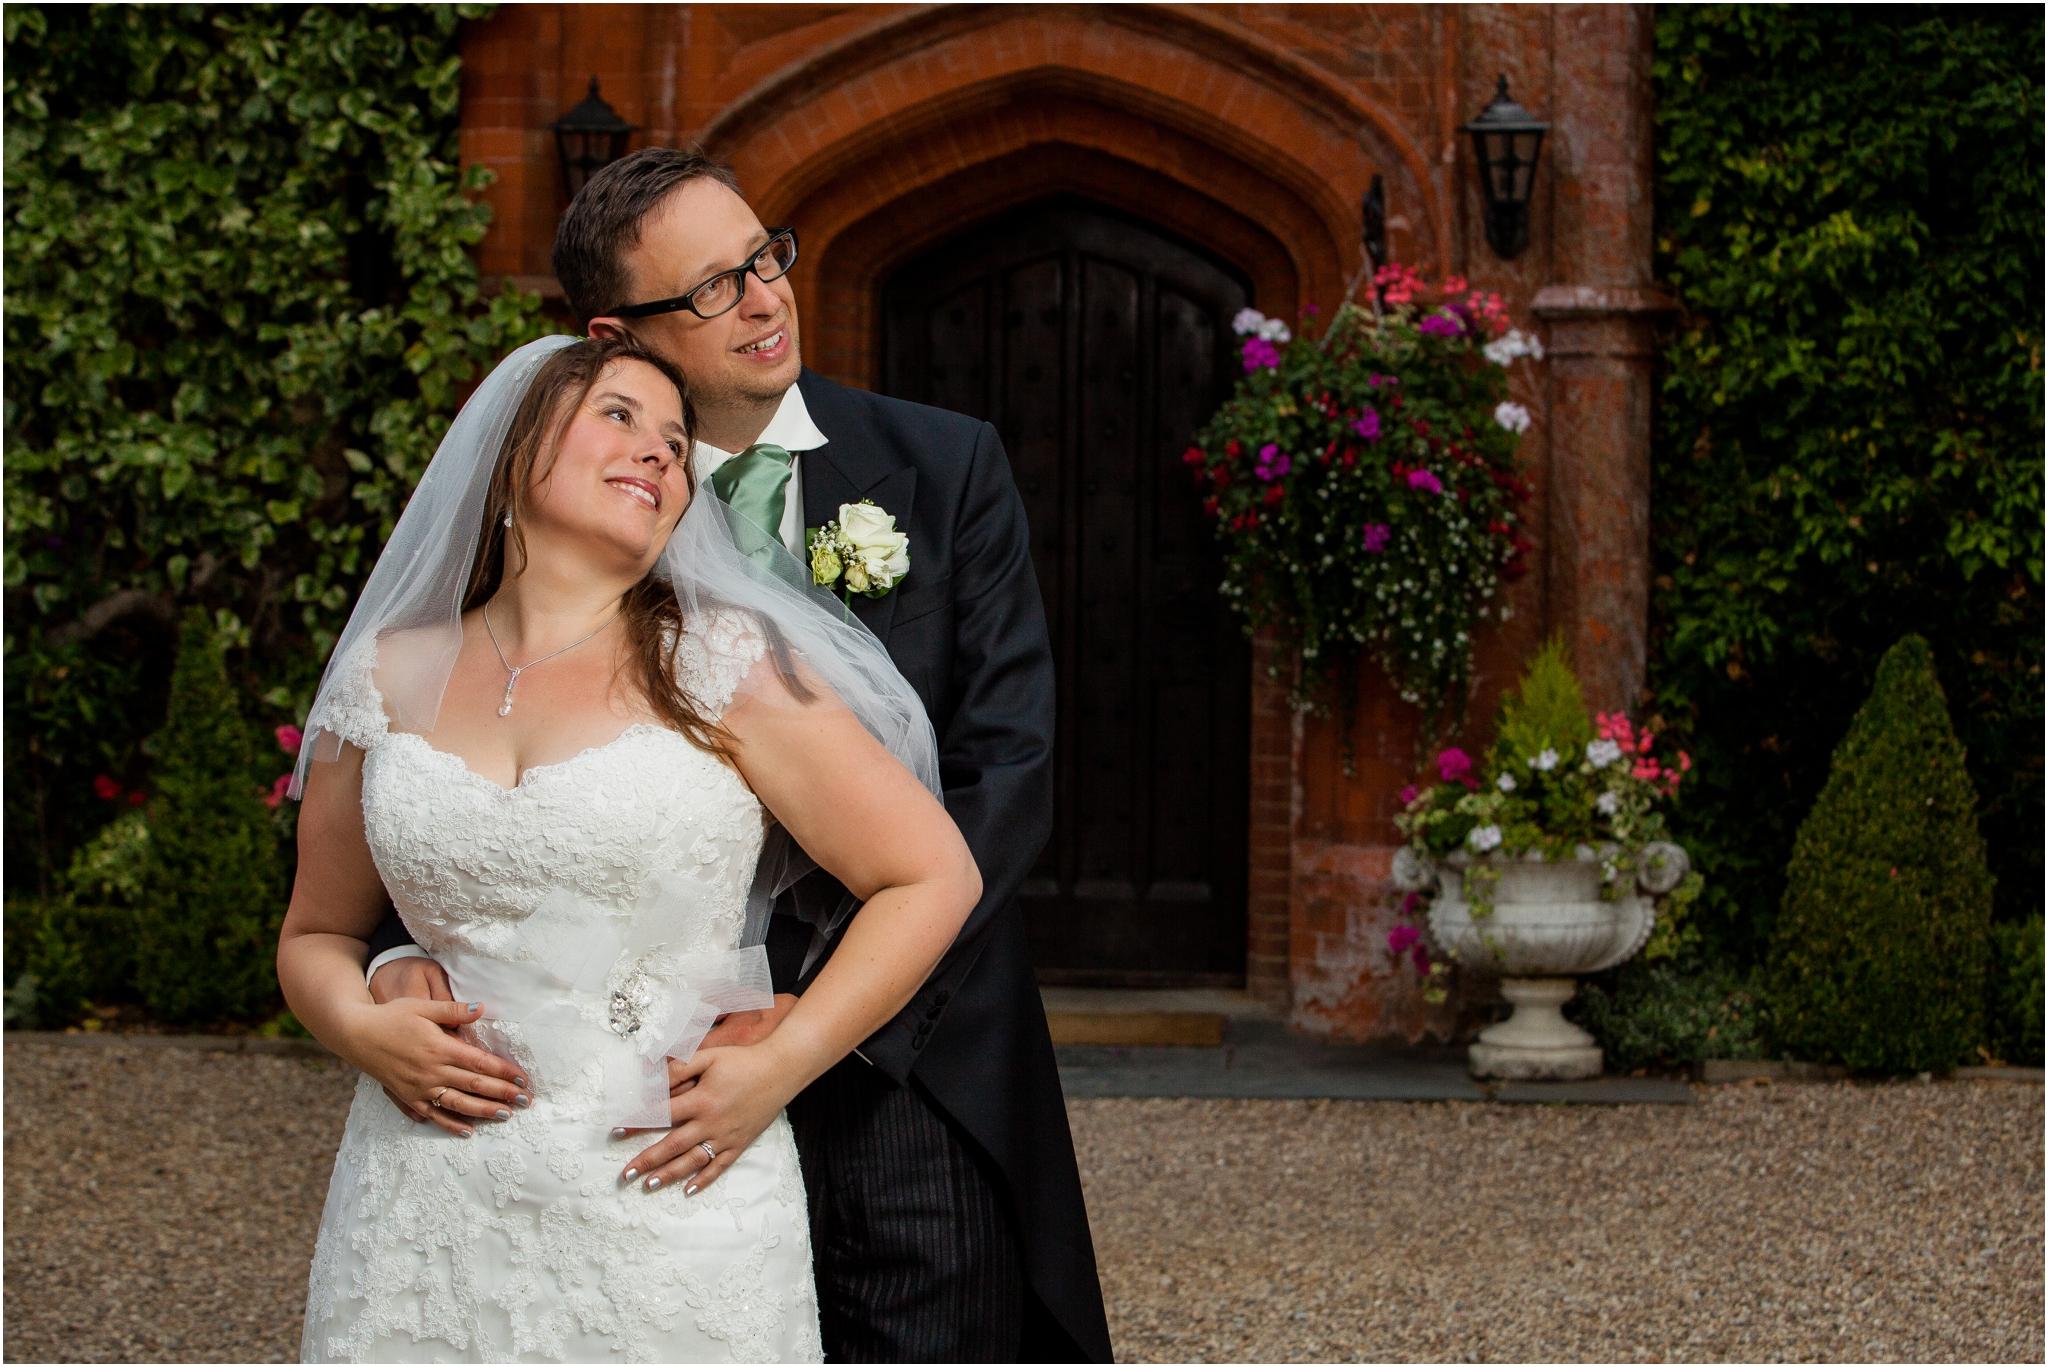 suffolk-wedding-photographers-ross-dean